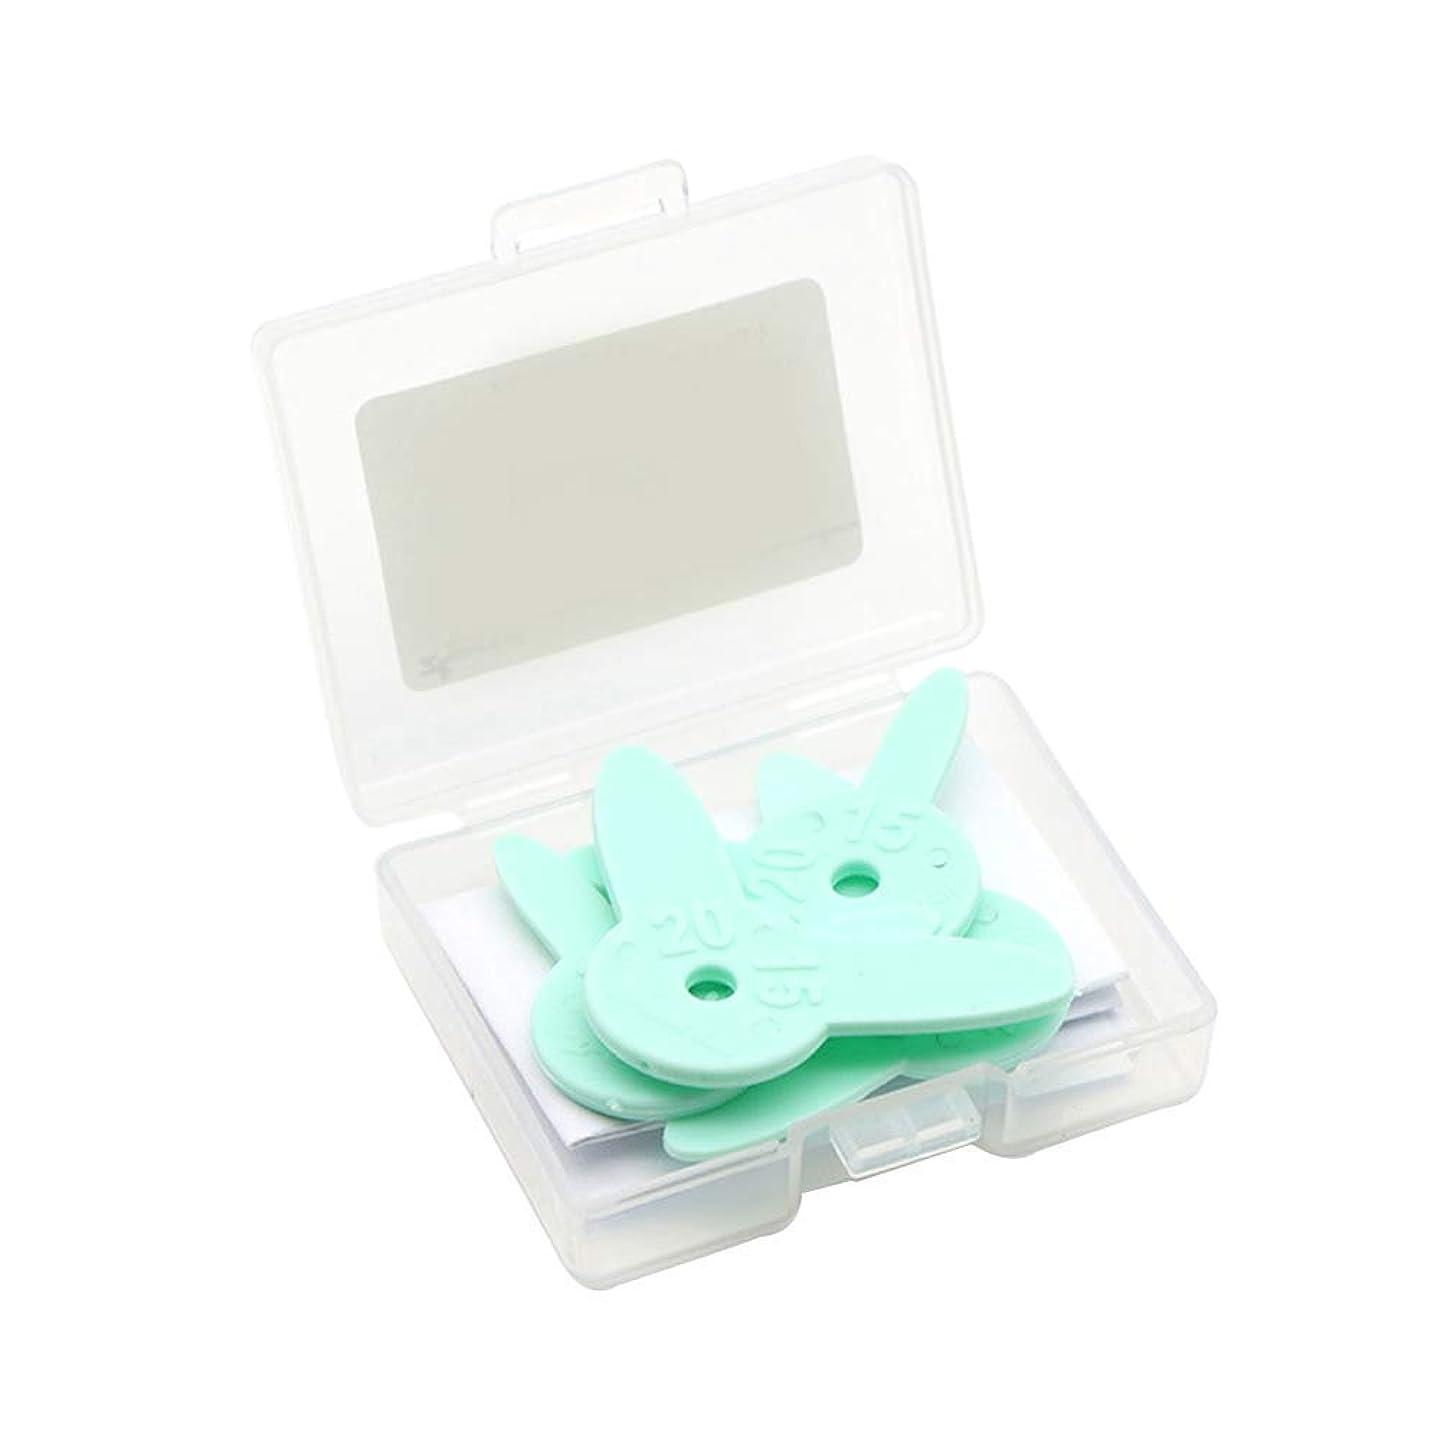 抑圧苦情文句放射するHealifty 4Pc歯科材料歯科ギャップ測定ルーラ歯列矯正隣接グレージングカットエイドギャップ測定